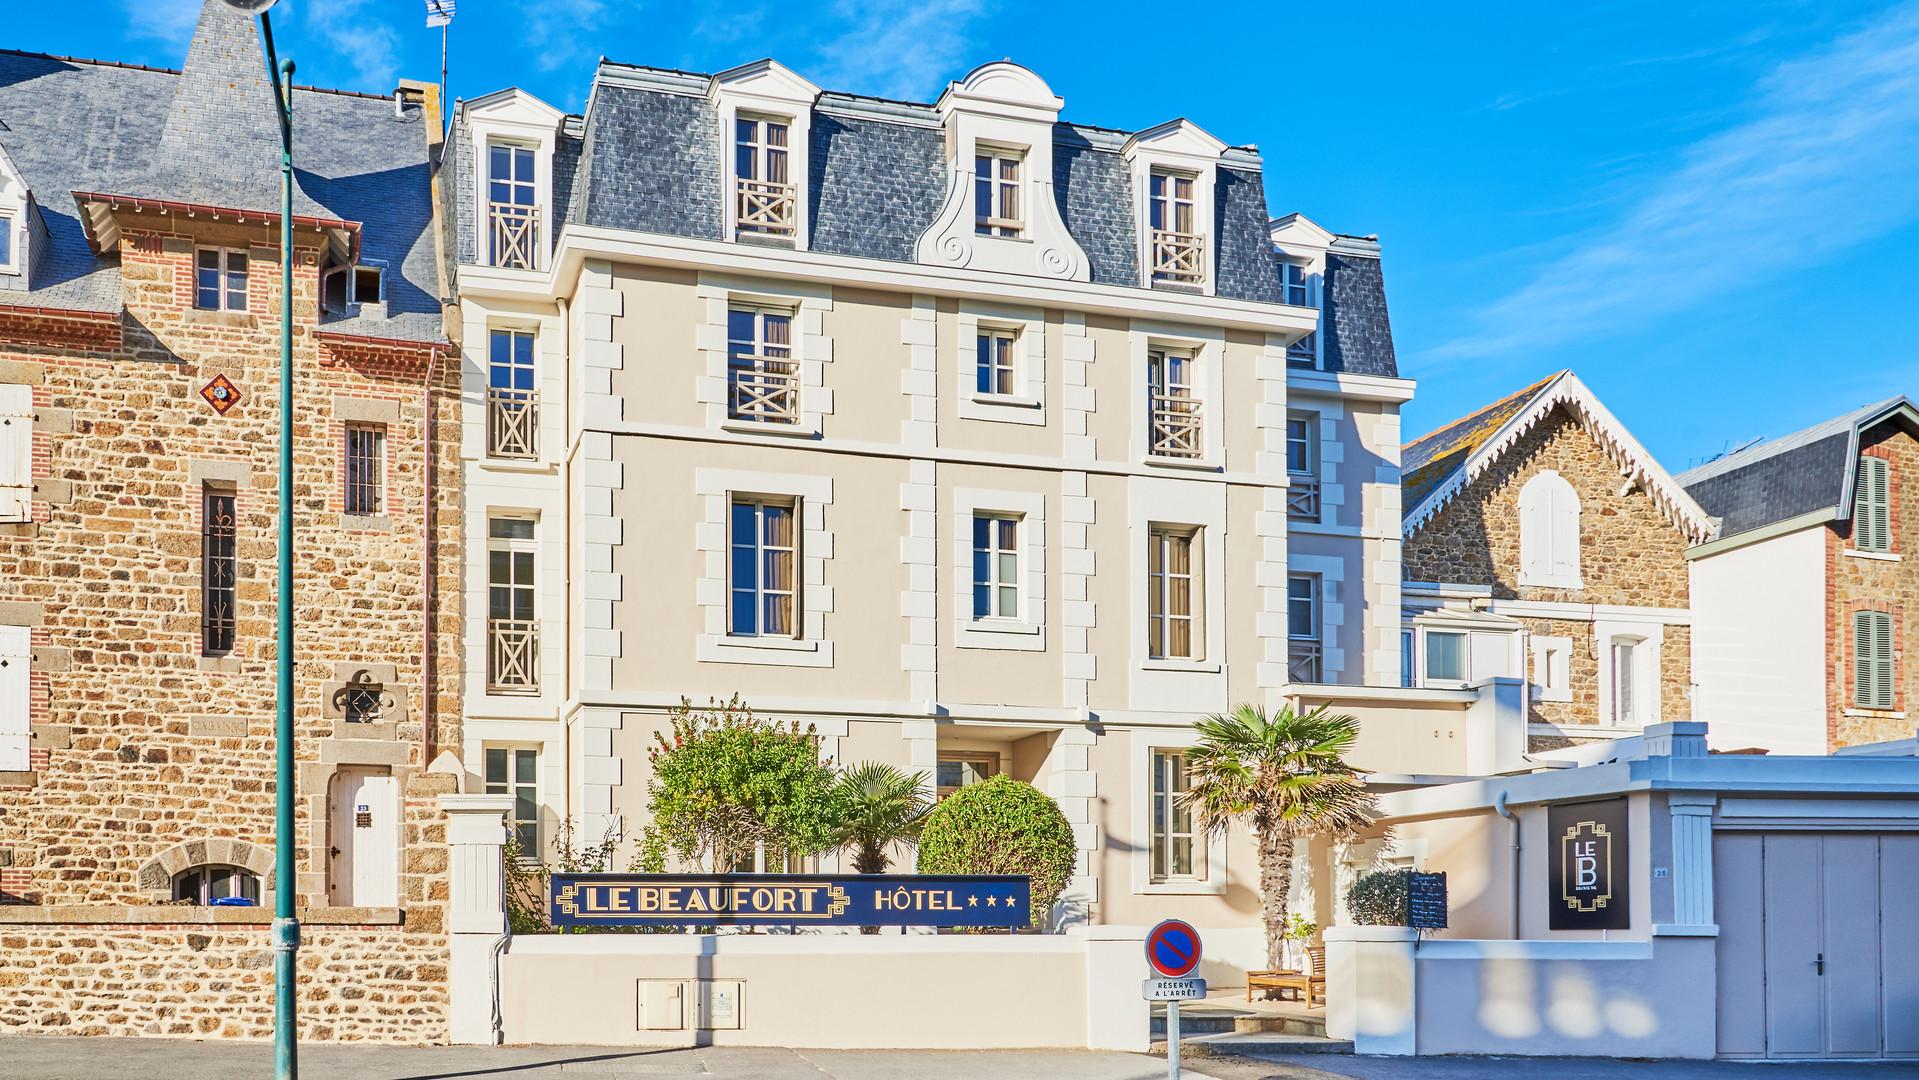 L'Hôtel le Beaufort